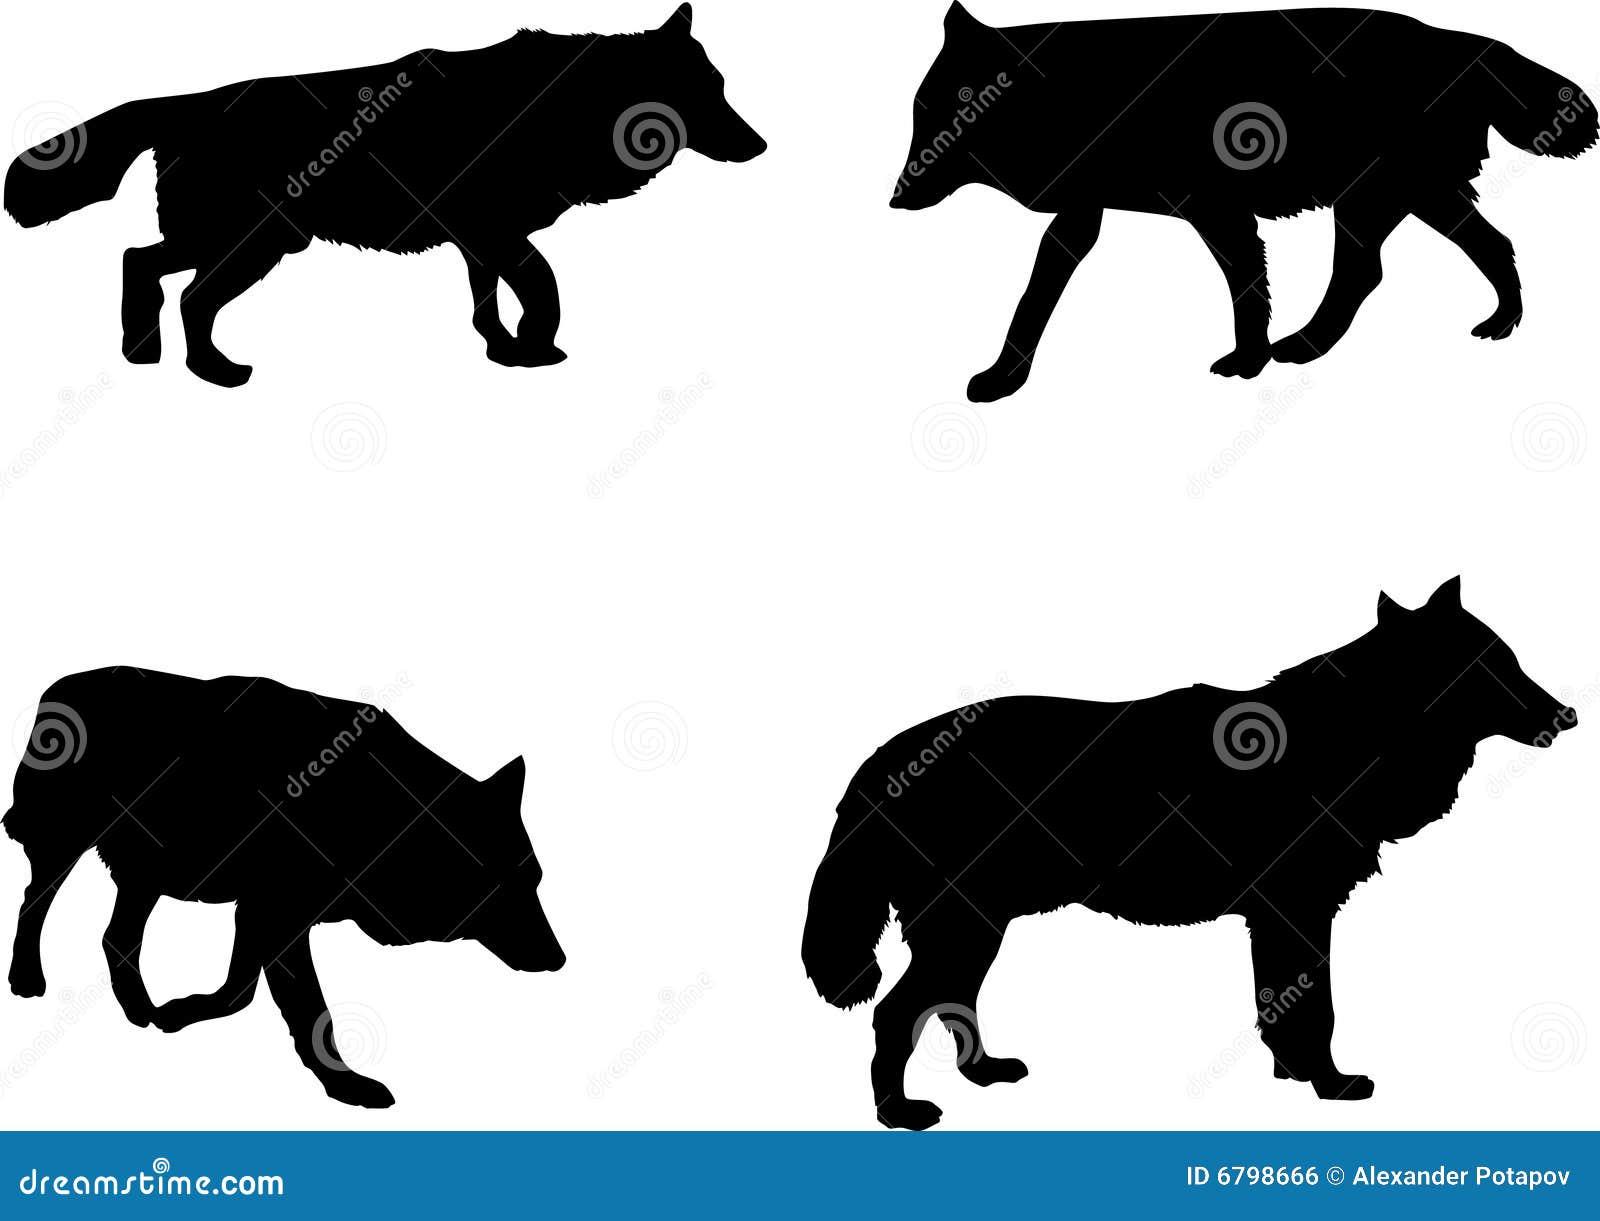 Silueta Lobo: Cuatro Siluetas Del Lobo Imagen De Archivo Libre De